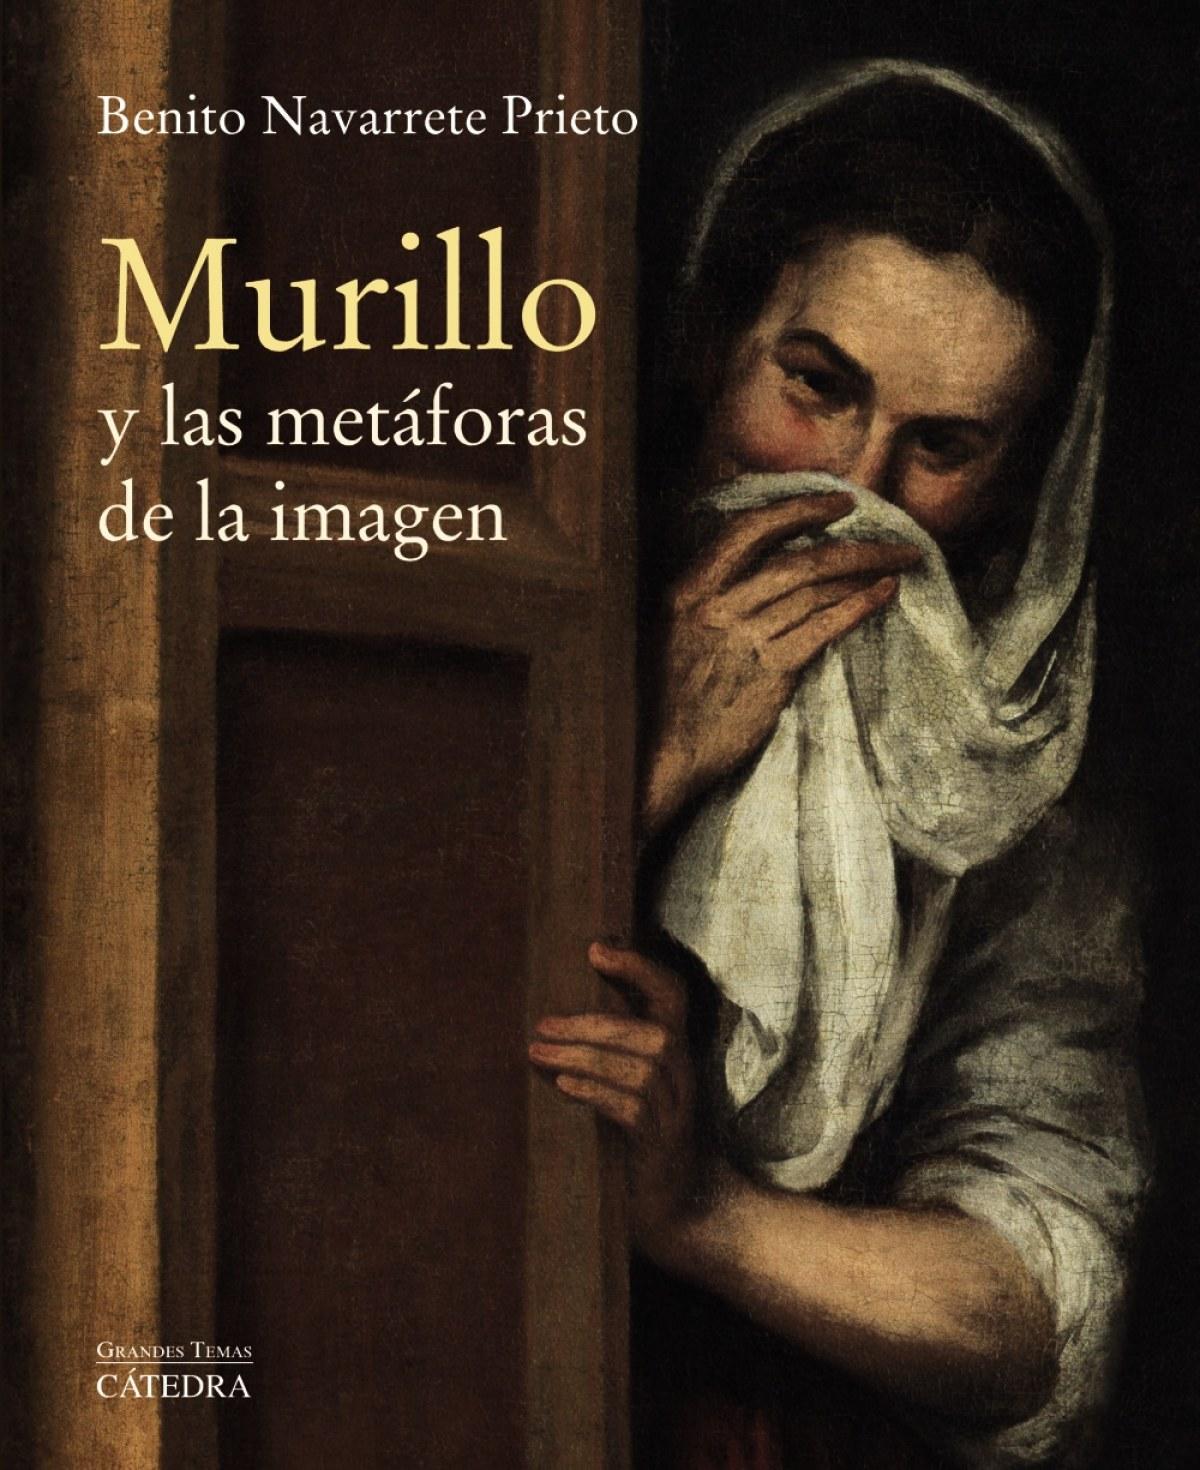 MURILLO Y LAS METáFORAS DE LA IMAGEN